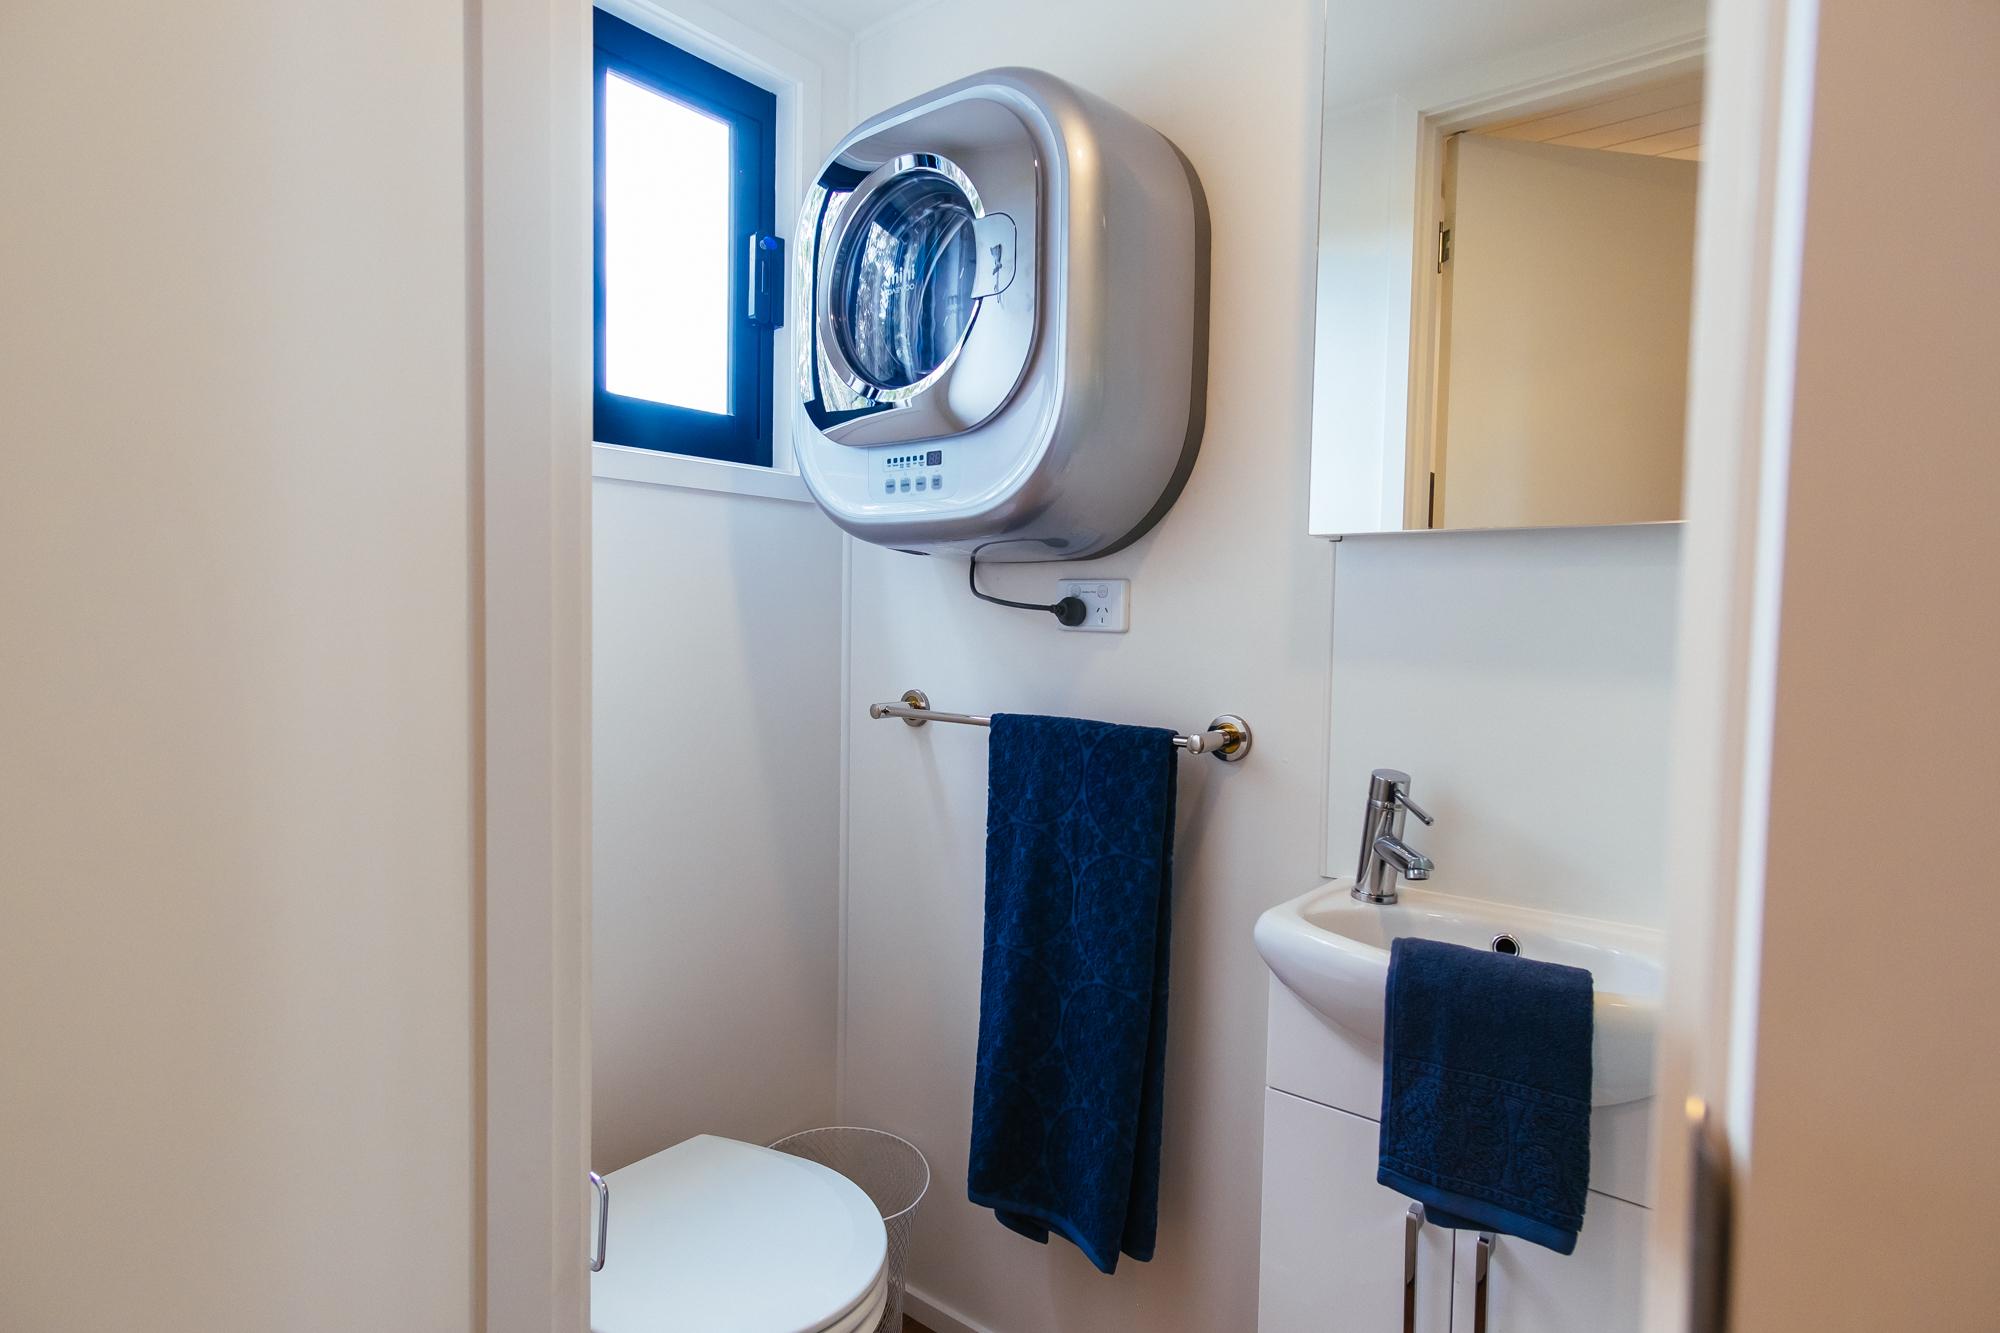 GS6000DLS Washing Machine